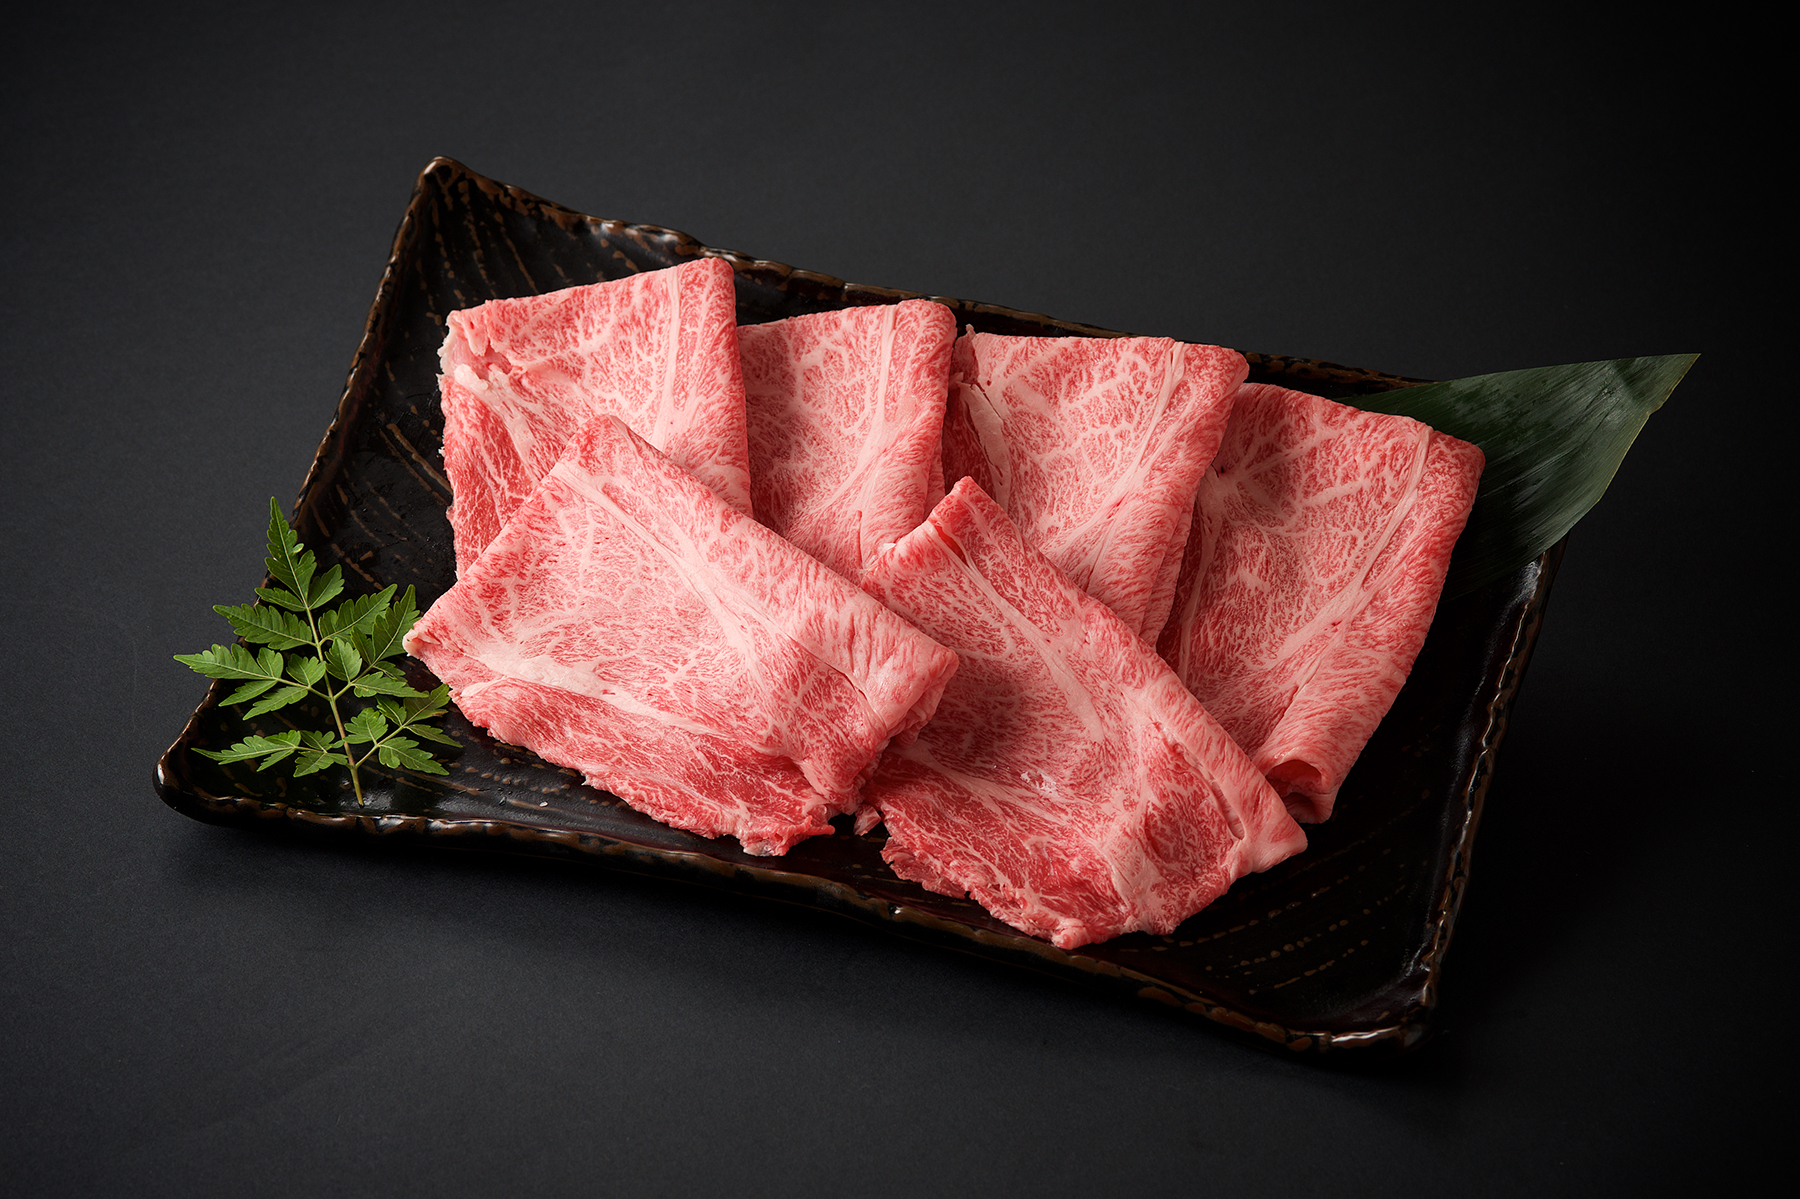 九州産黒毛和牛 ロースすきやき用/100g(850)